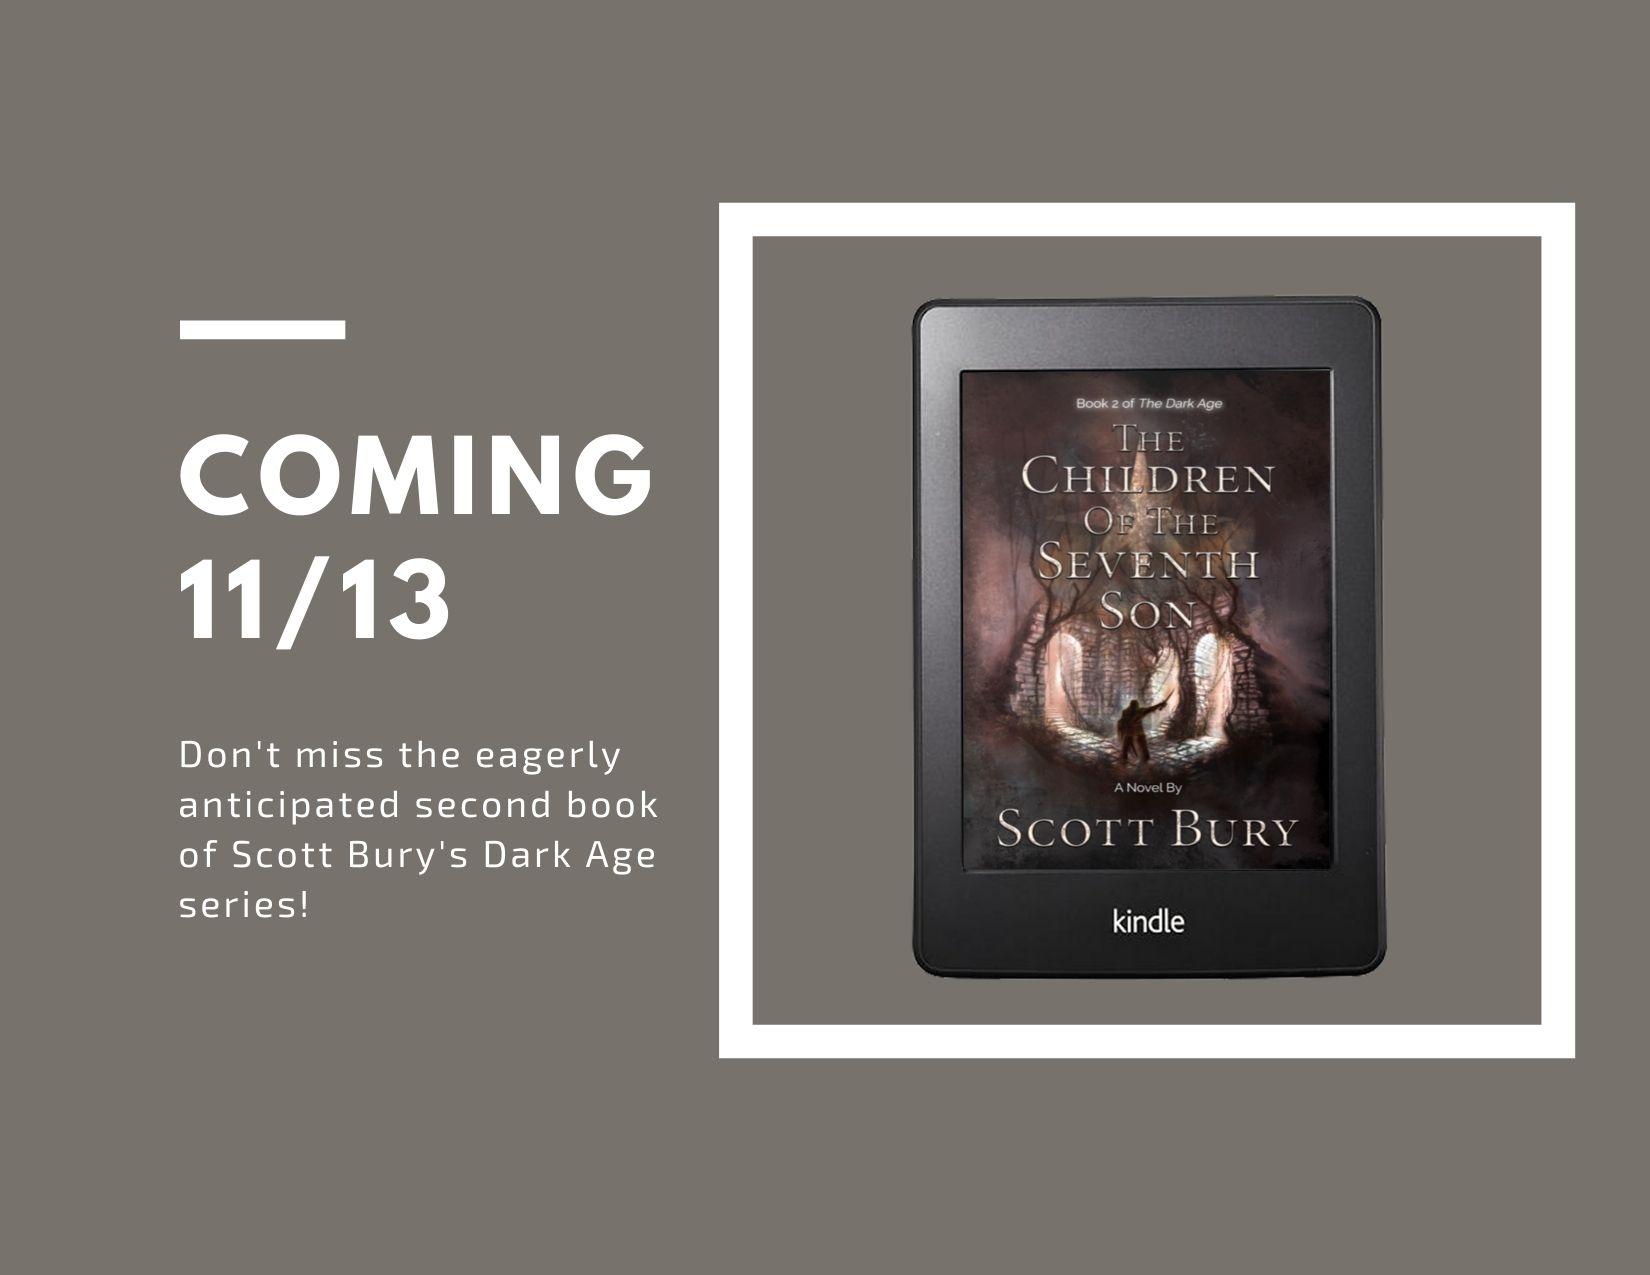 Dark Age Historical Fantasy Series by Scott Bury